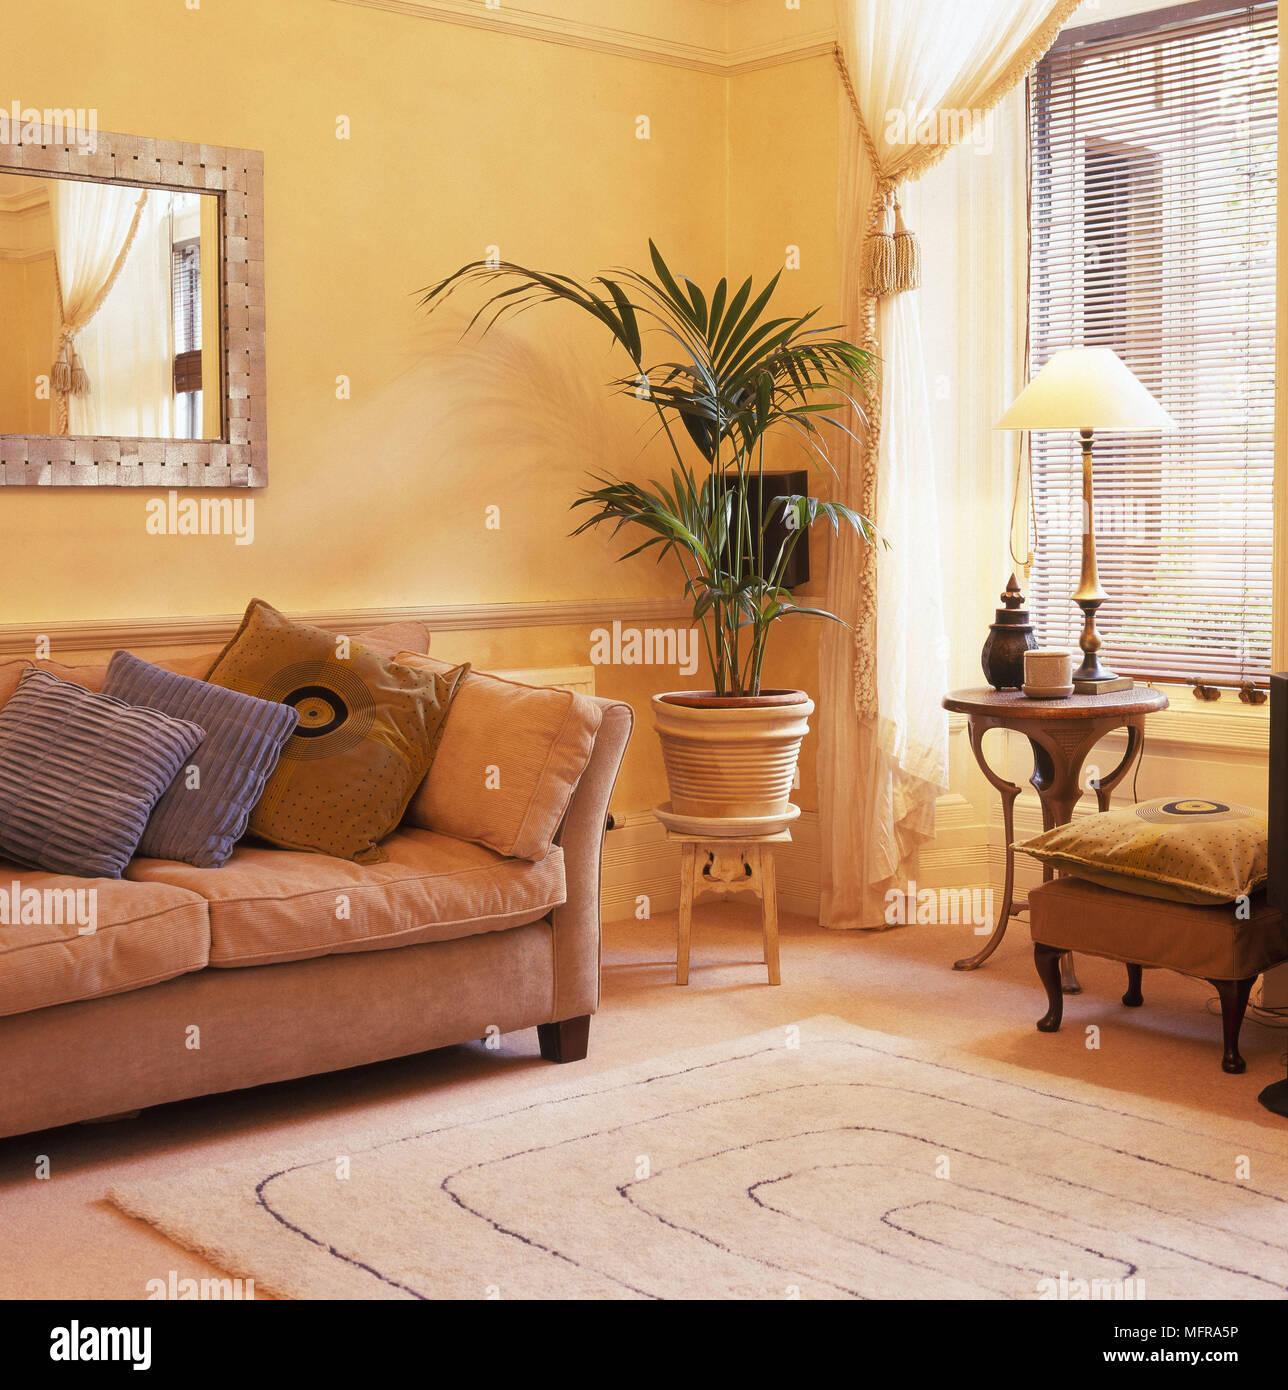 Wohnzimmer Haus Blumentopf auf warmen goldgelben Wänden bequemes ...